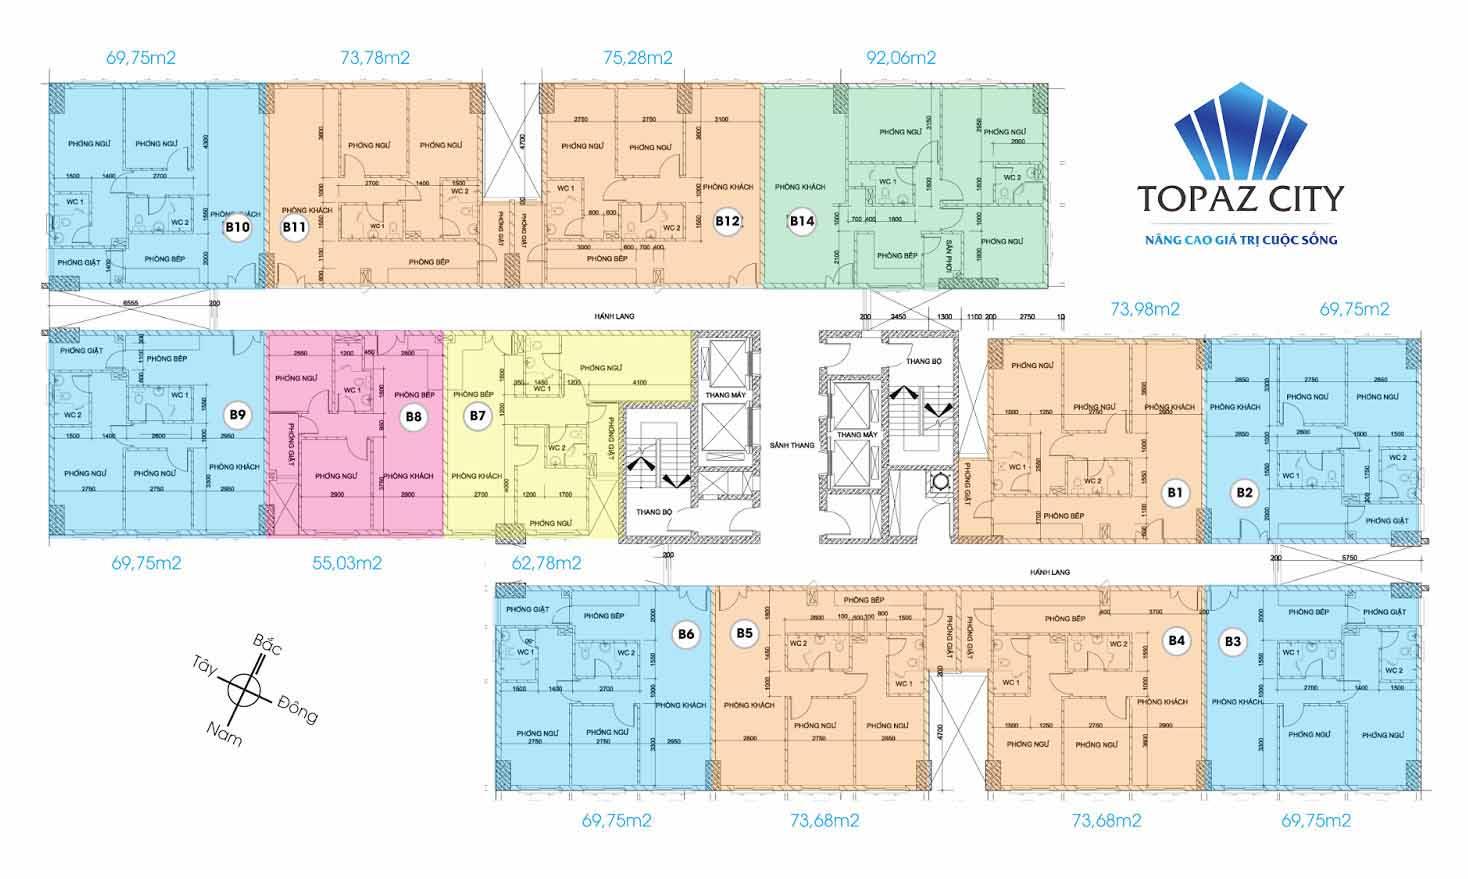 Mặt bằng căn hộ Topaz City